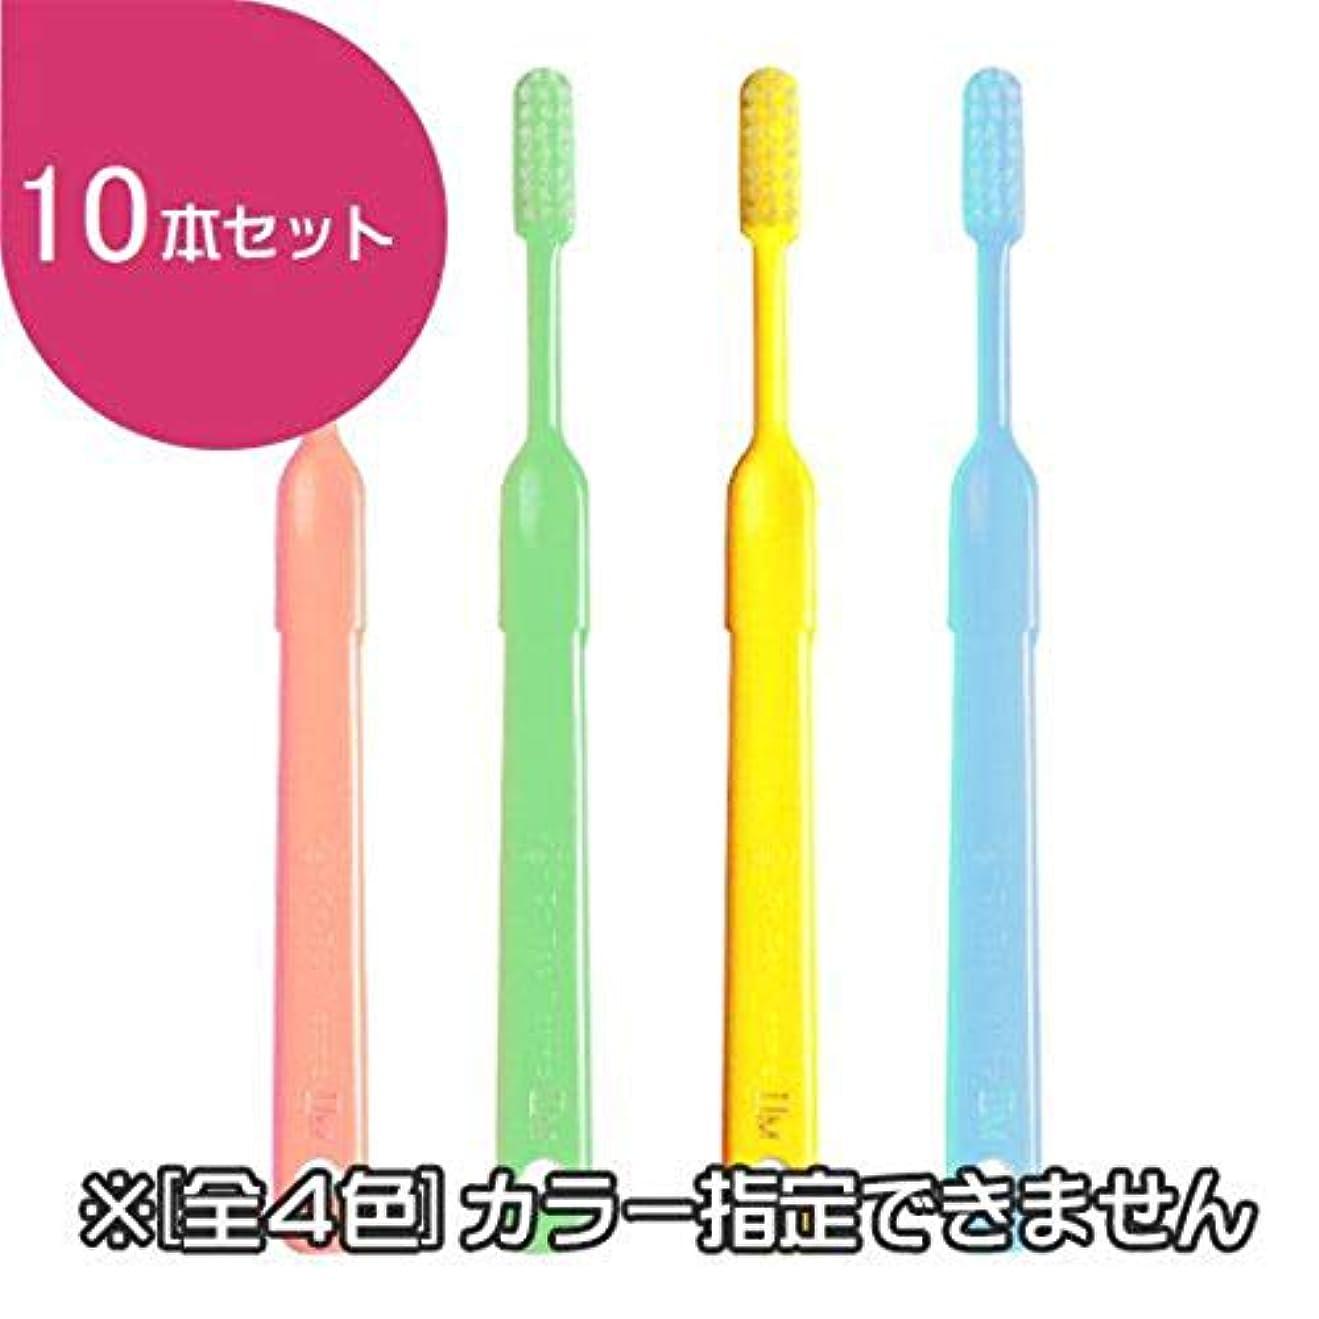 たまに逸脱微妙ビーブランド ドクター ビーヤング2 歯ブラシ 10本(ソフト)